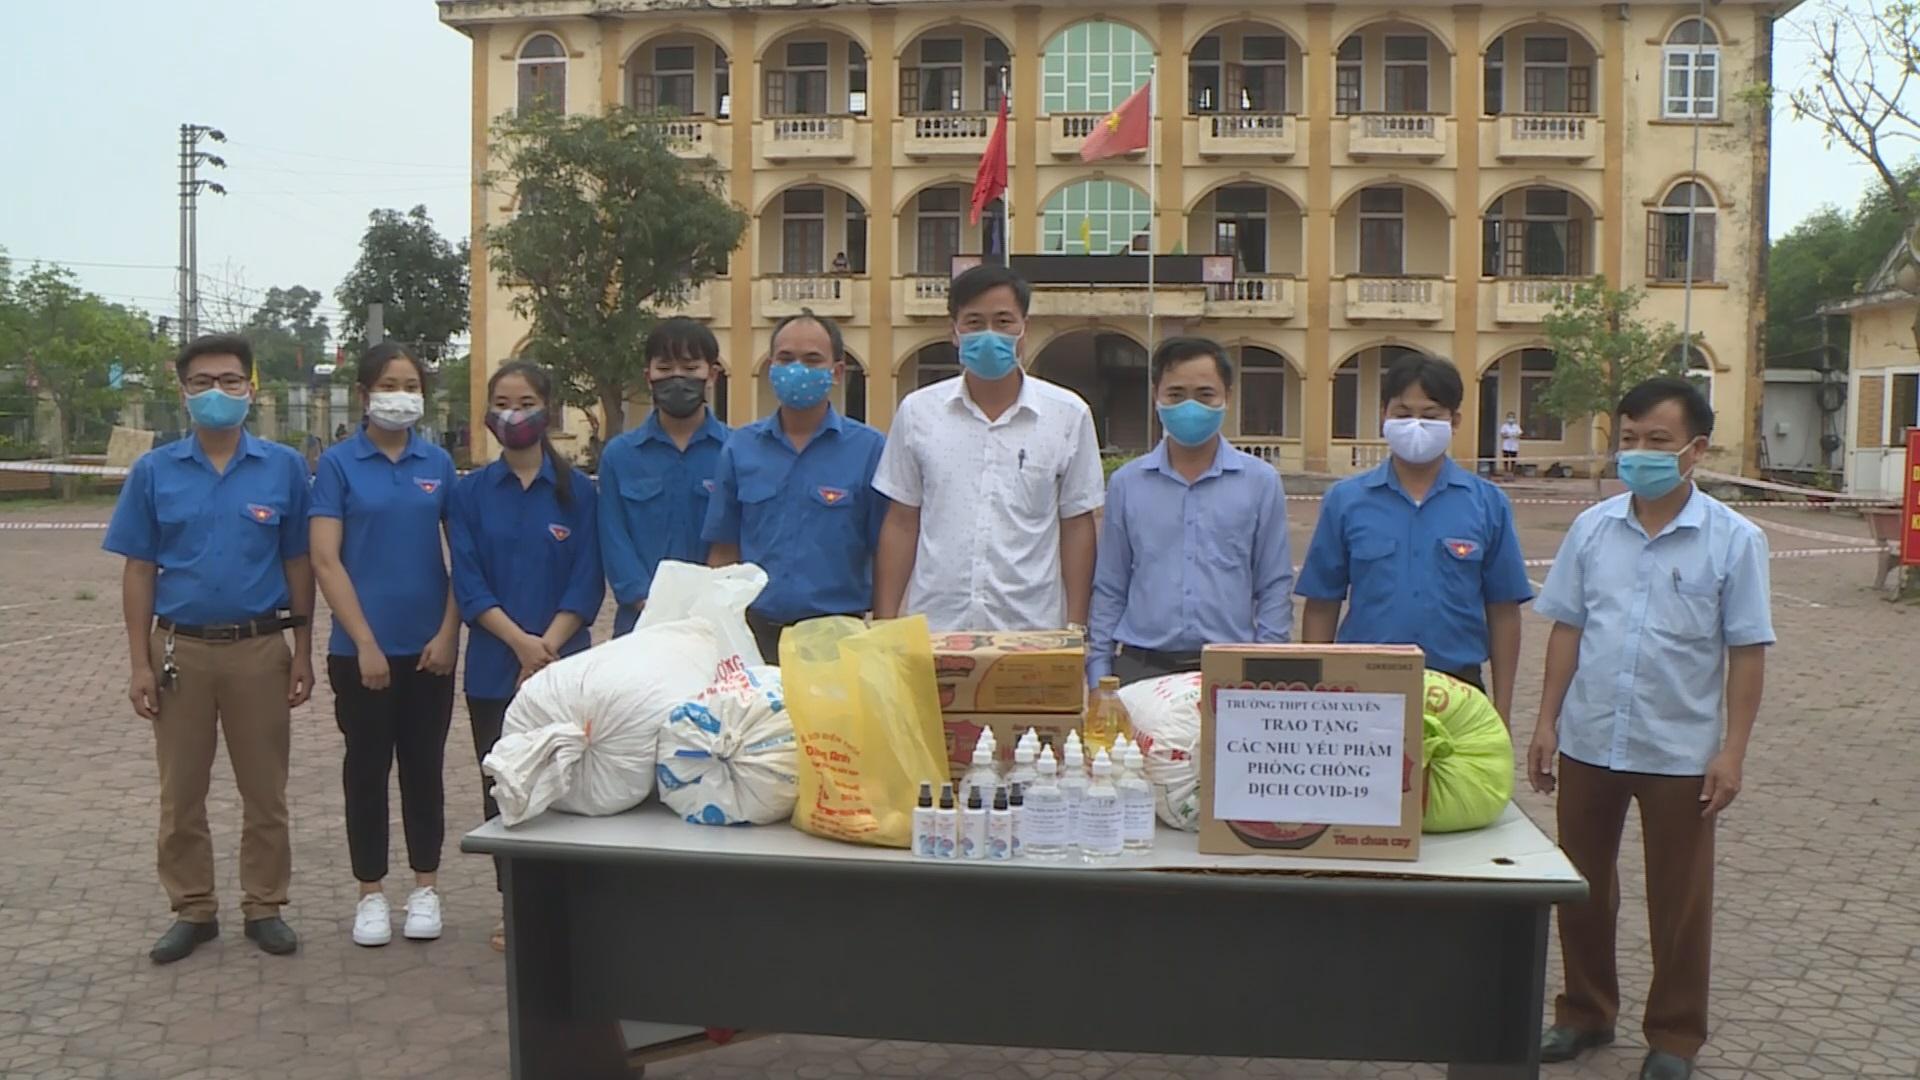 Giáo viên và học sinh trường THPT Cẩm Xuyên tặng quà hỗ trợ các cơ sở cách ly.